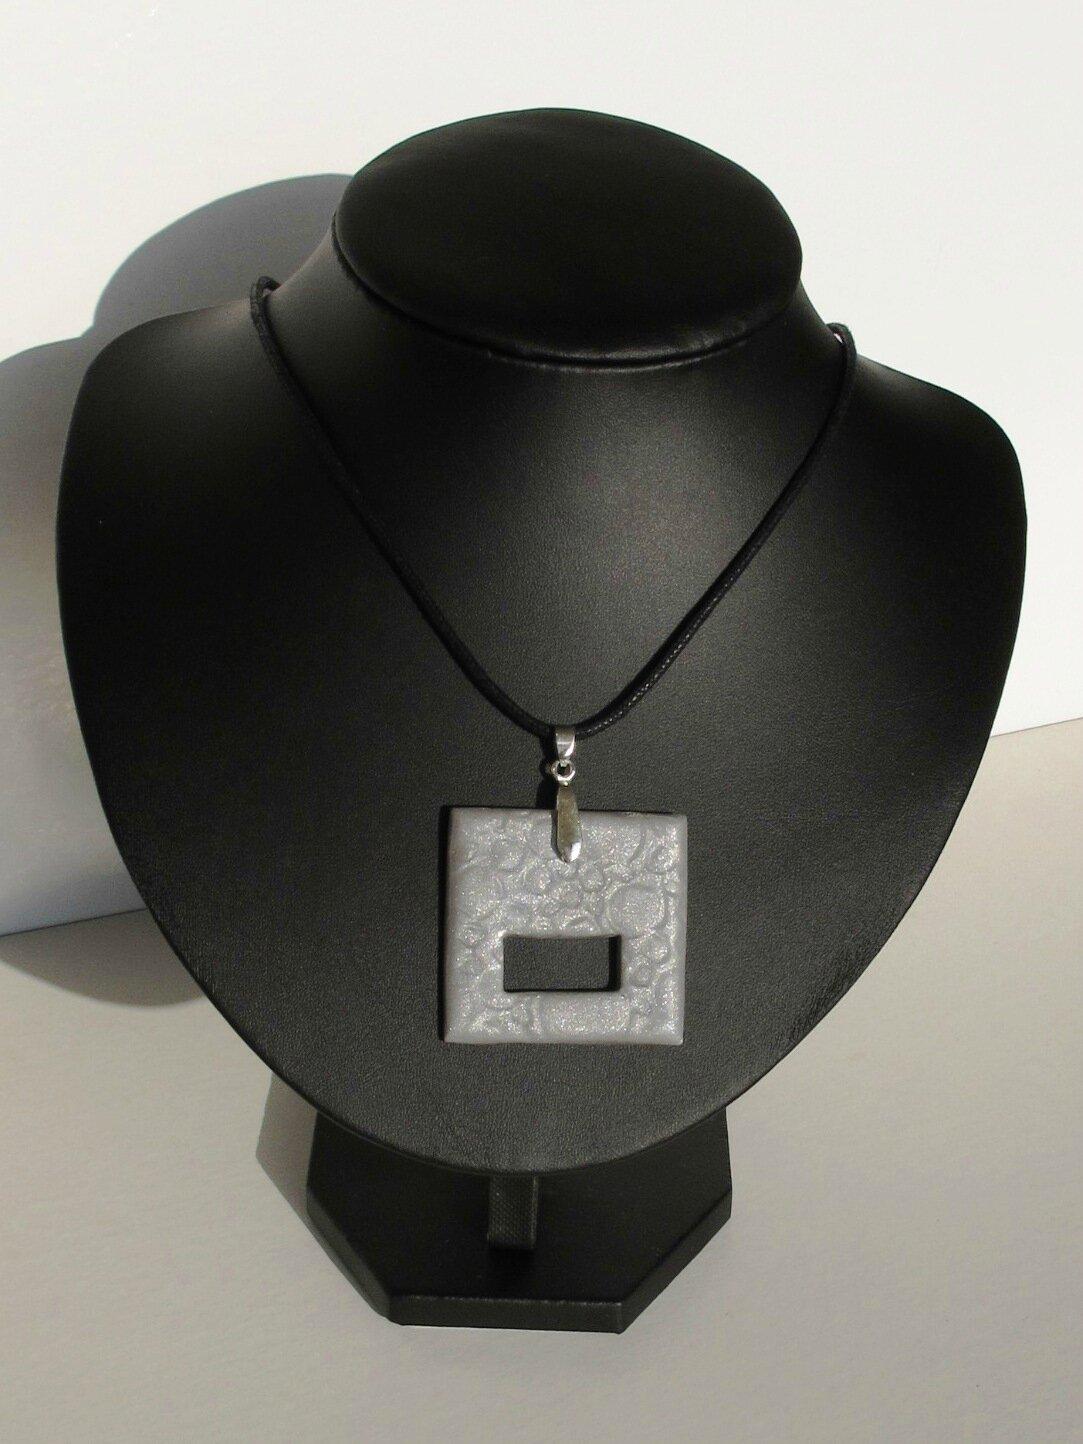 pendentif porte lunettes carré fimo gris micca shift buste noir